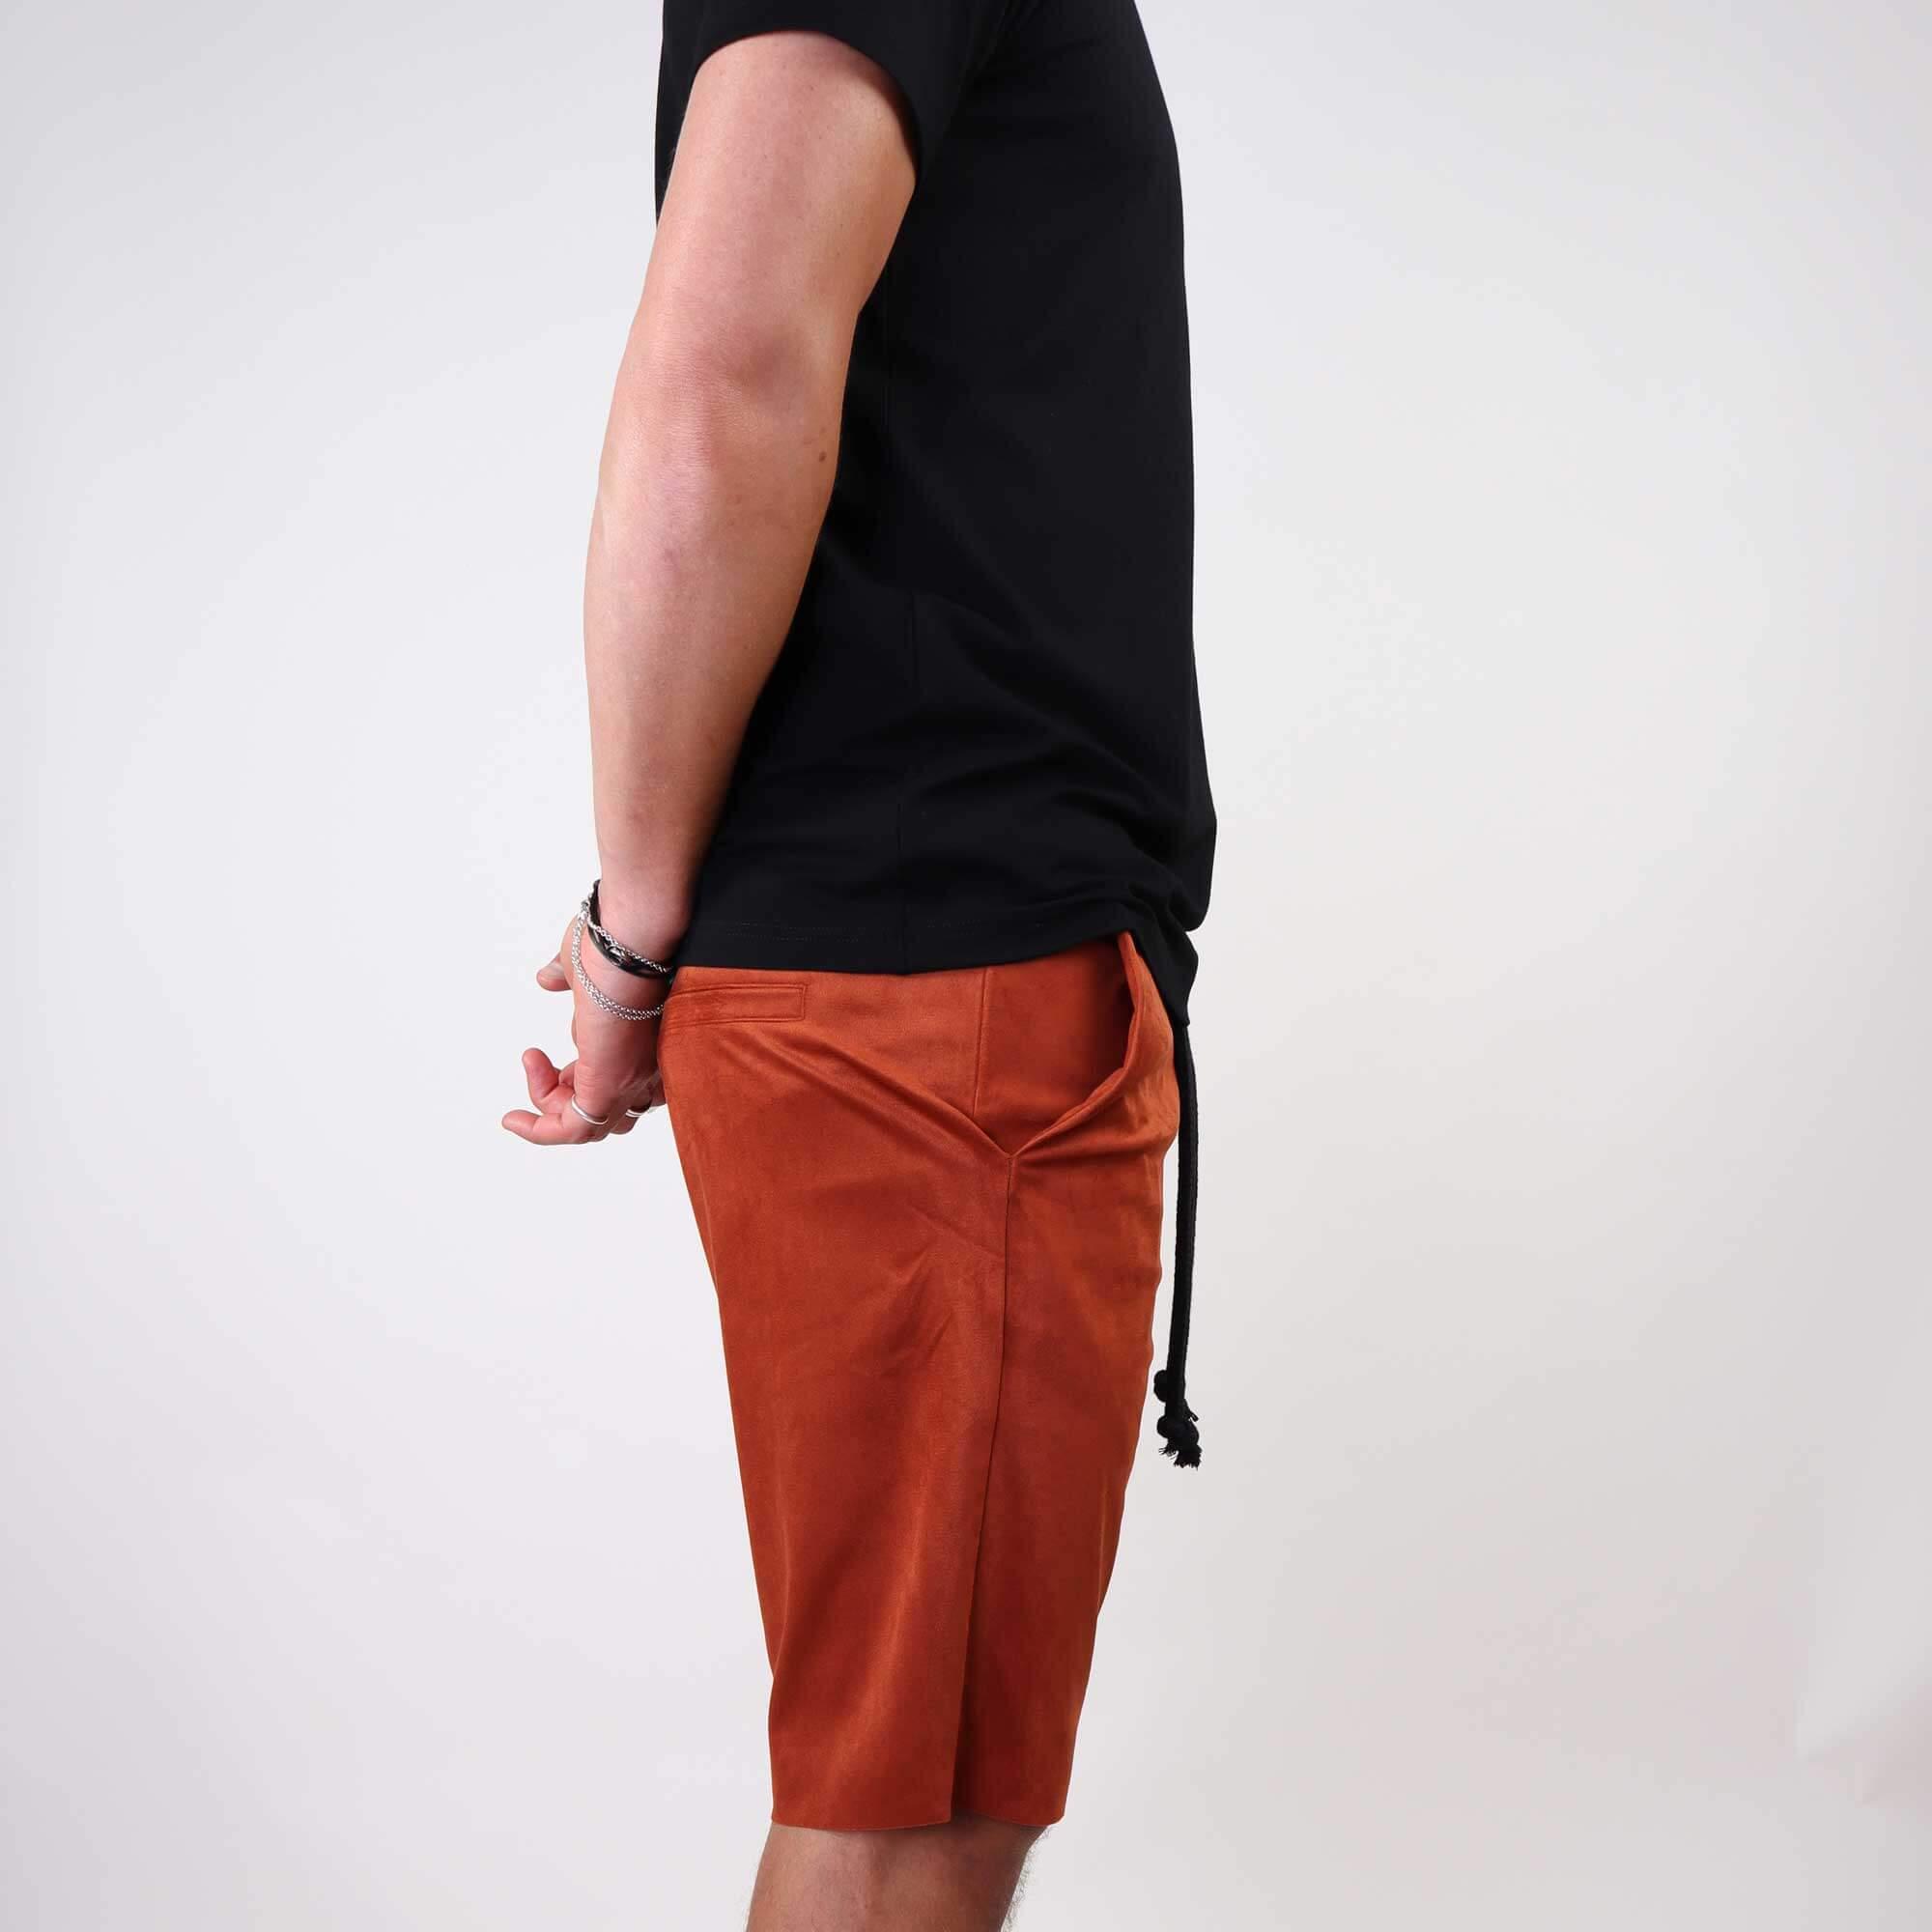 shorts-suede-brick-1